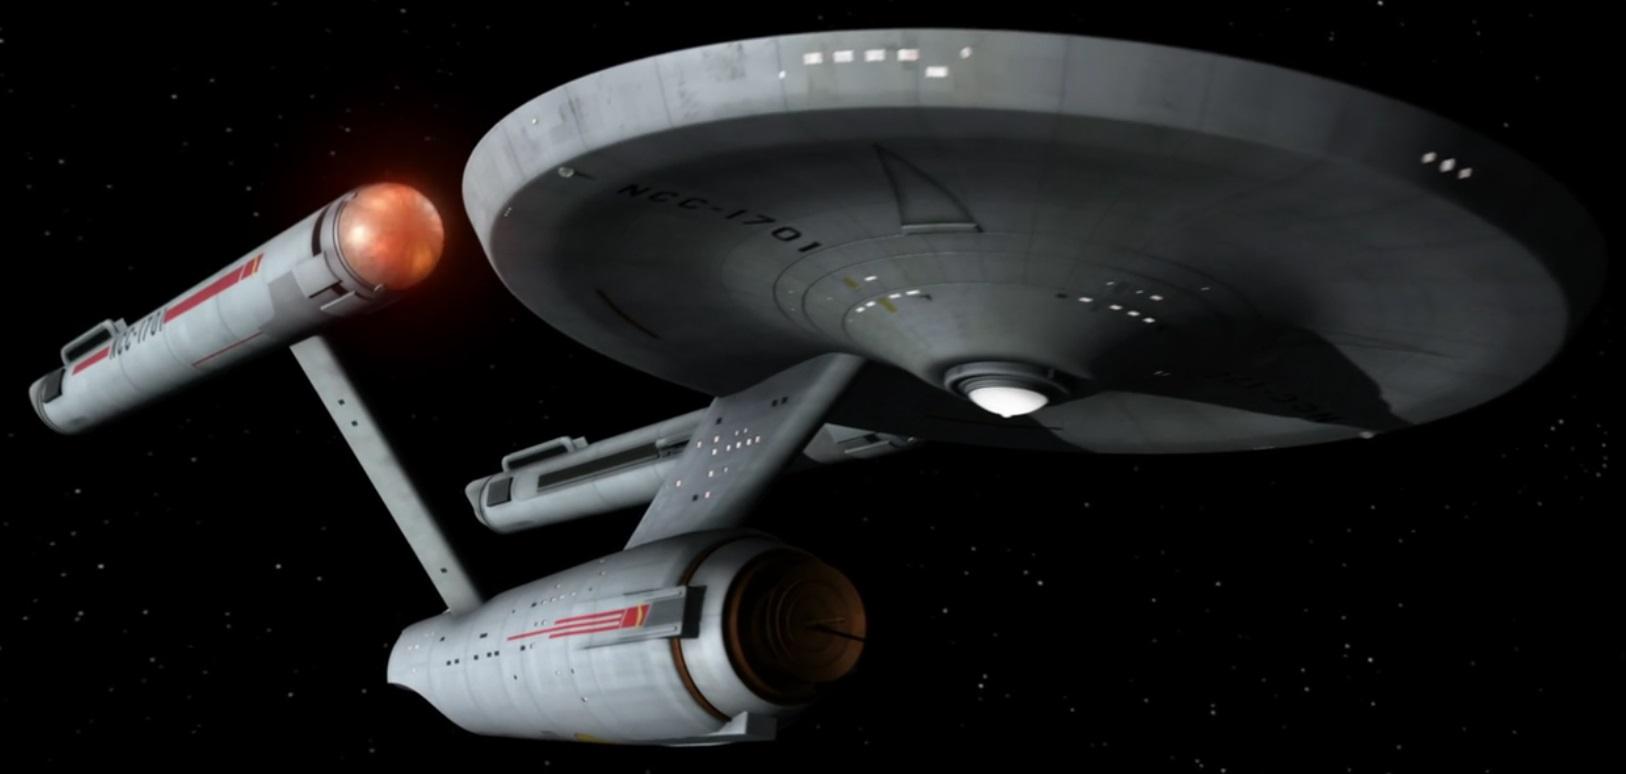 Resultado de imagem para star trek enterprise NCC 1701